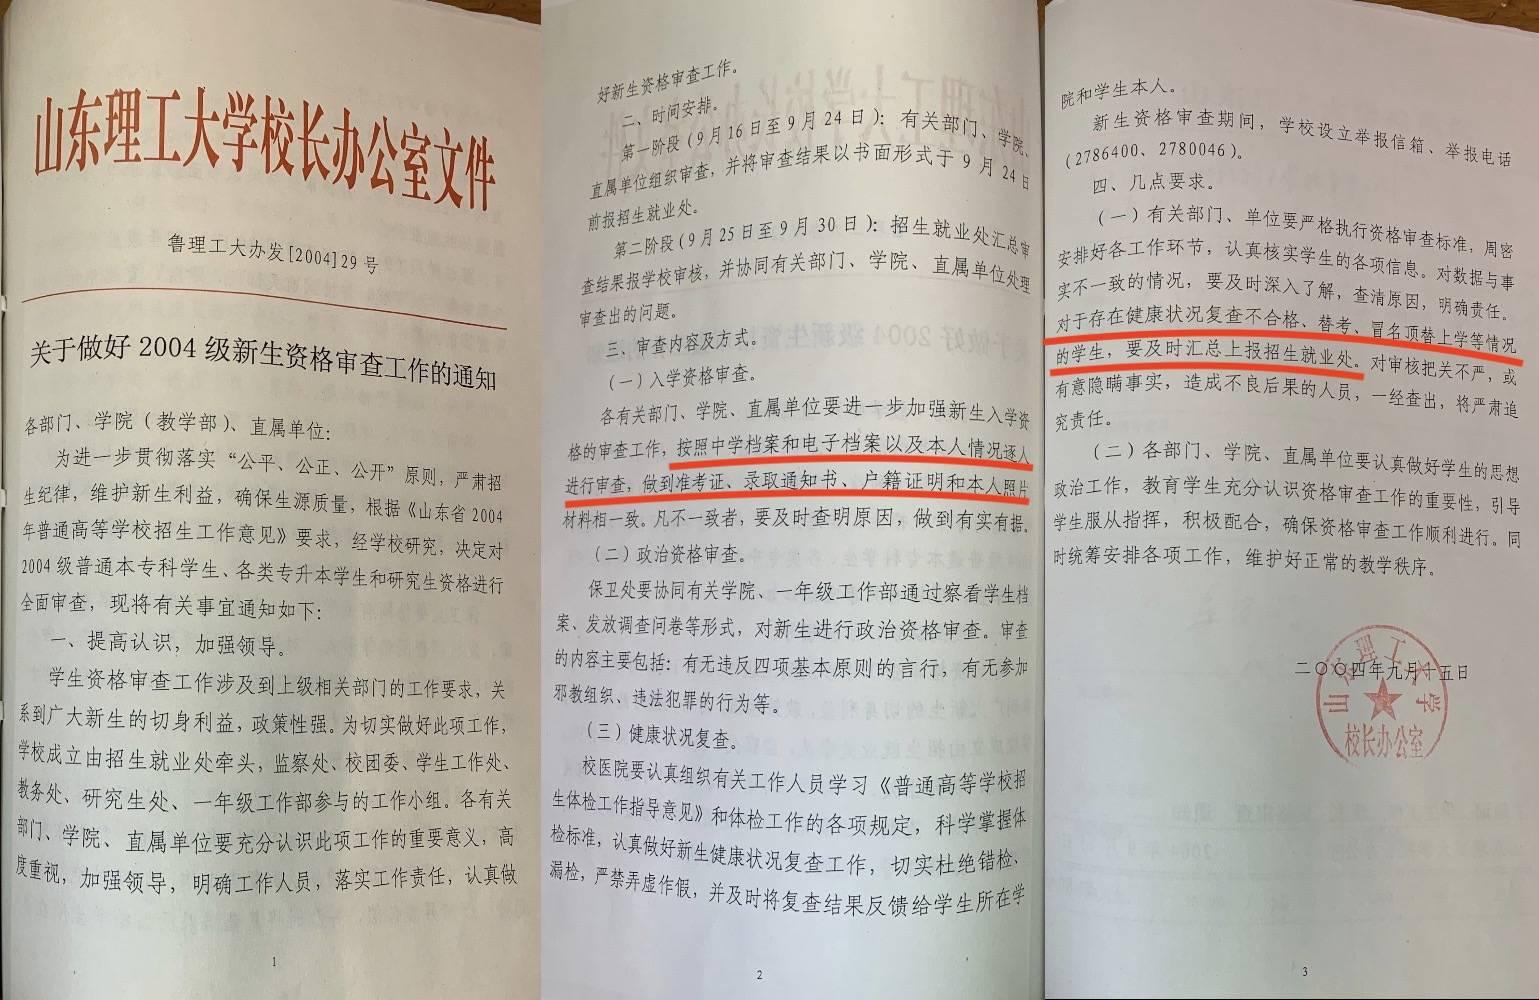 山东冒名顶替上大学女子:入学材料由亲戚找中介代办